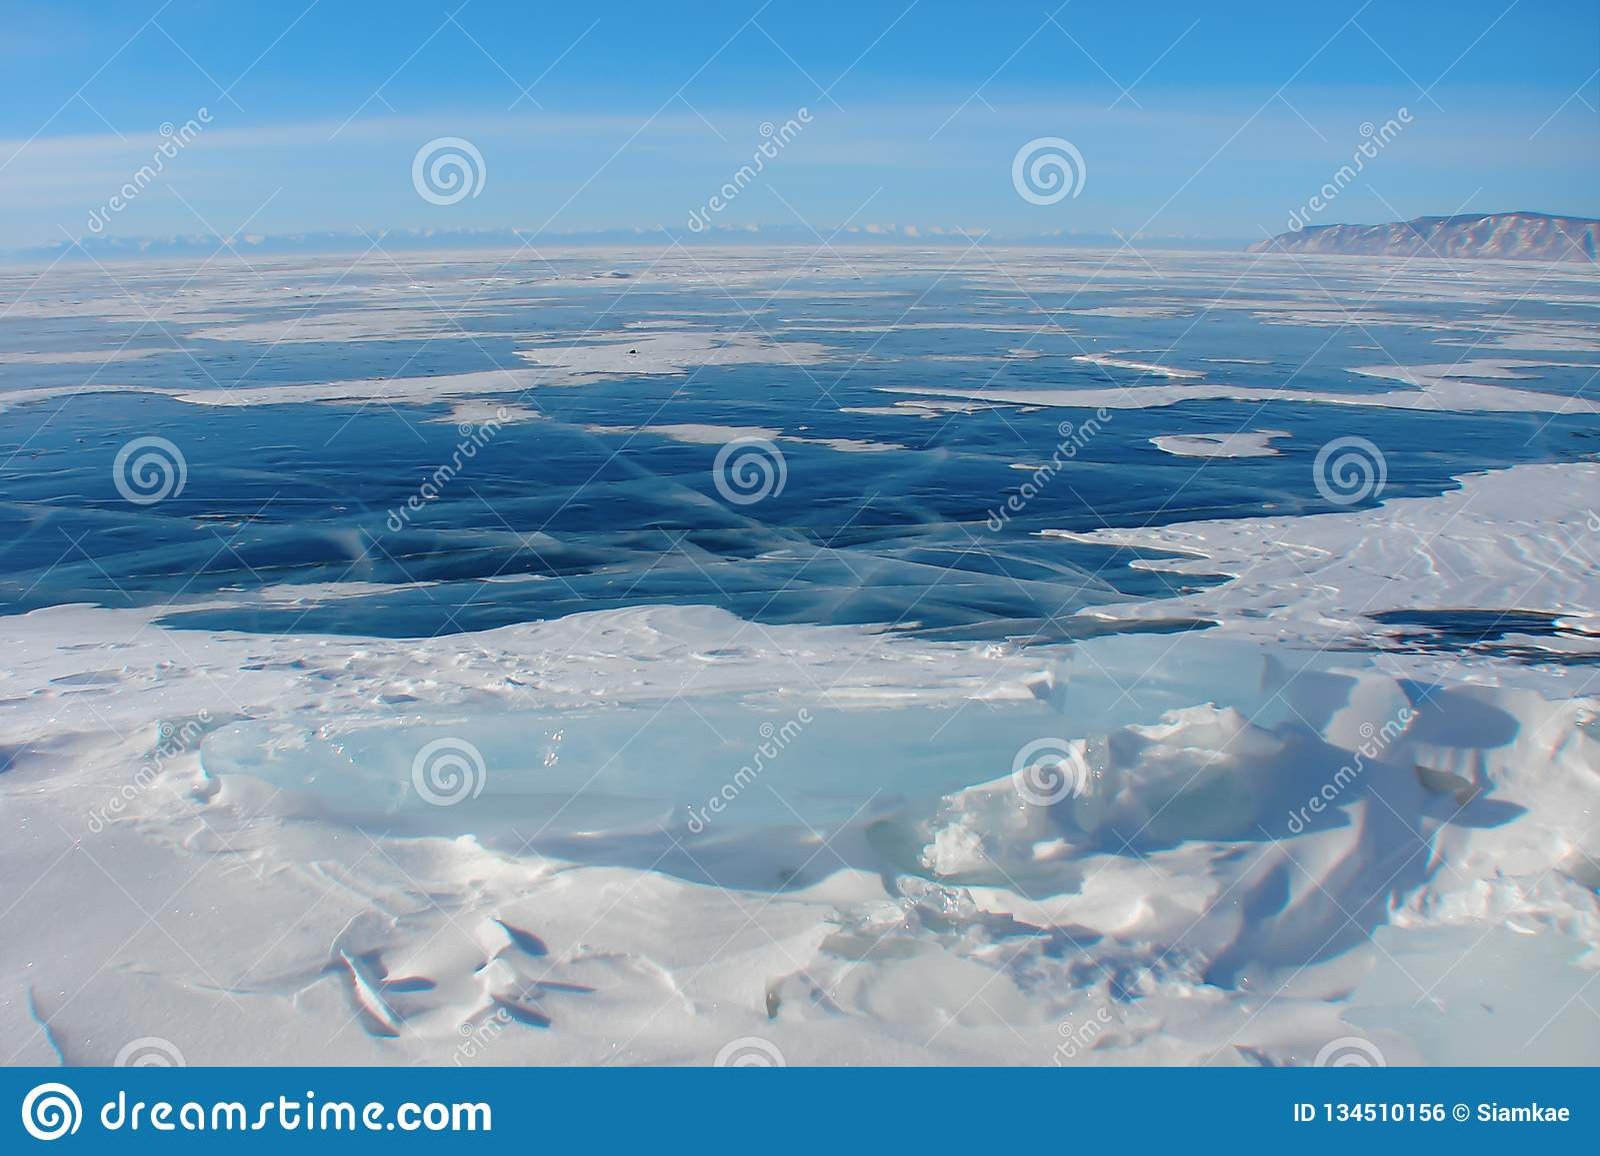 Escuro - gelo azul no lago do inverno, paisagem ártica